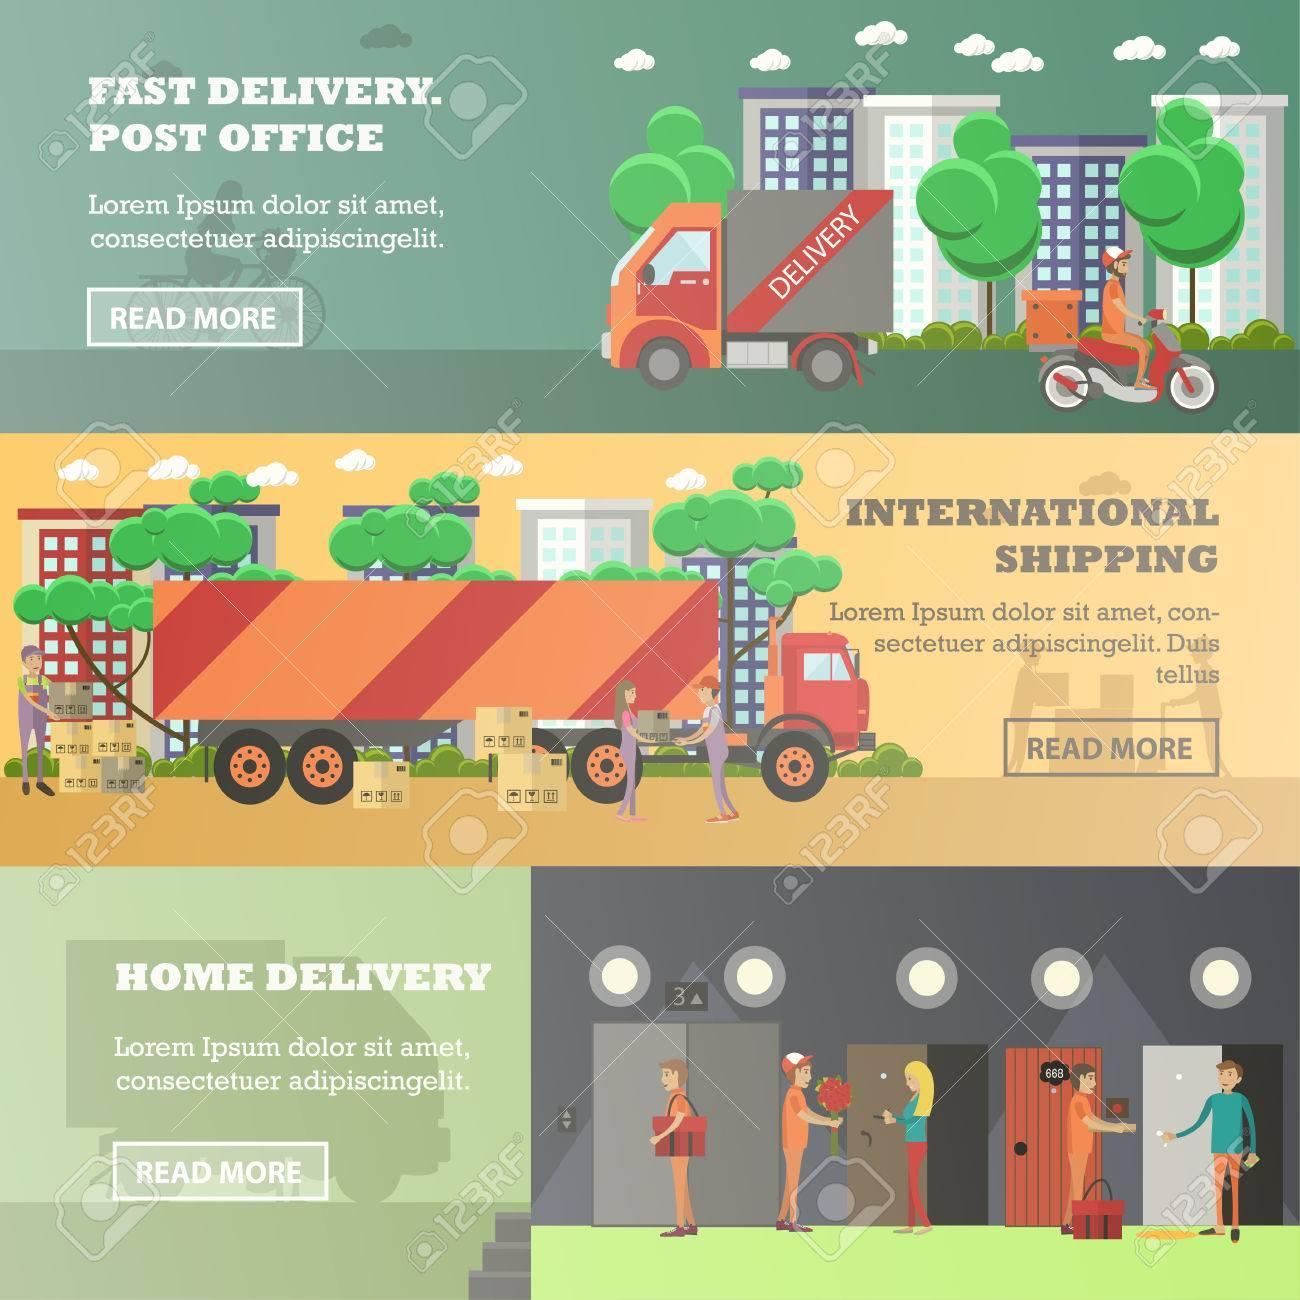 livraison rapide bureau de poste expedition internationale livraison a domicile des elements de conception de style plat